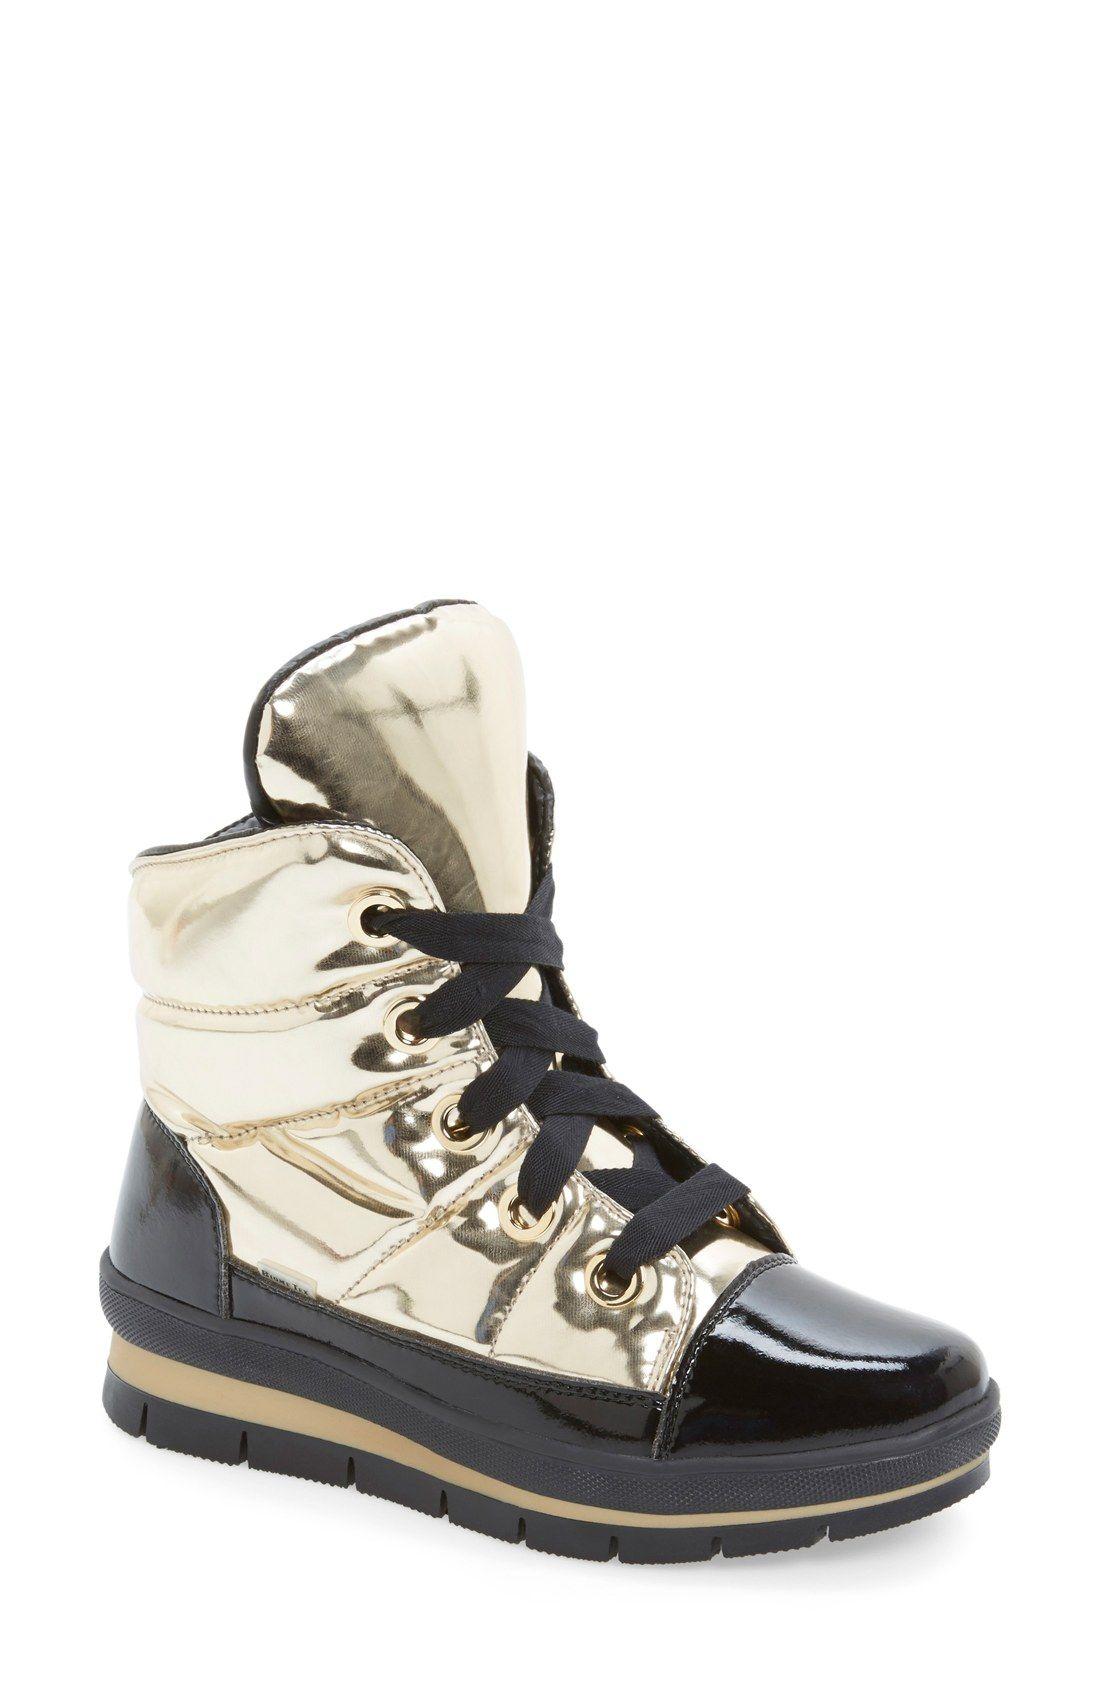 JOG DOG Snowdon Waterproof Quilted Sneaker Boot (Women